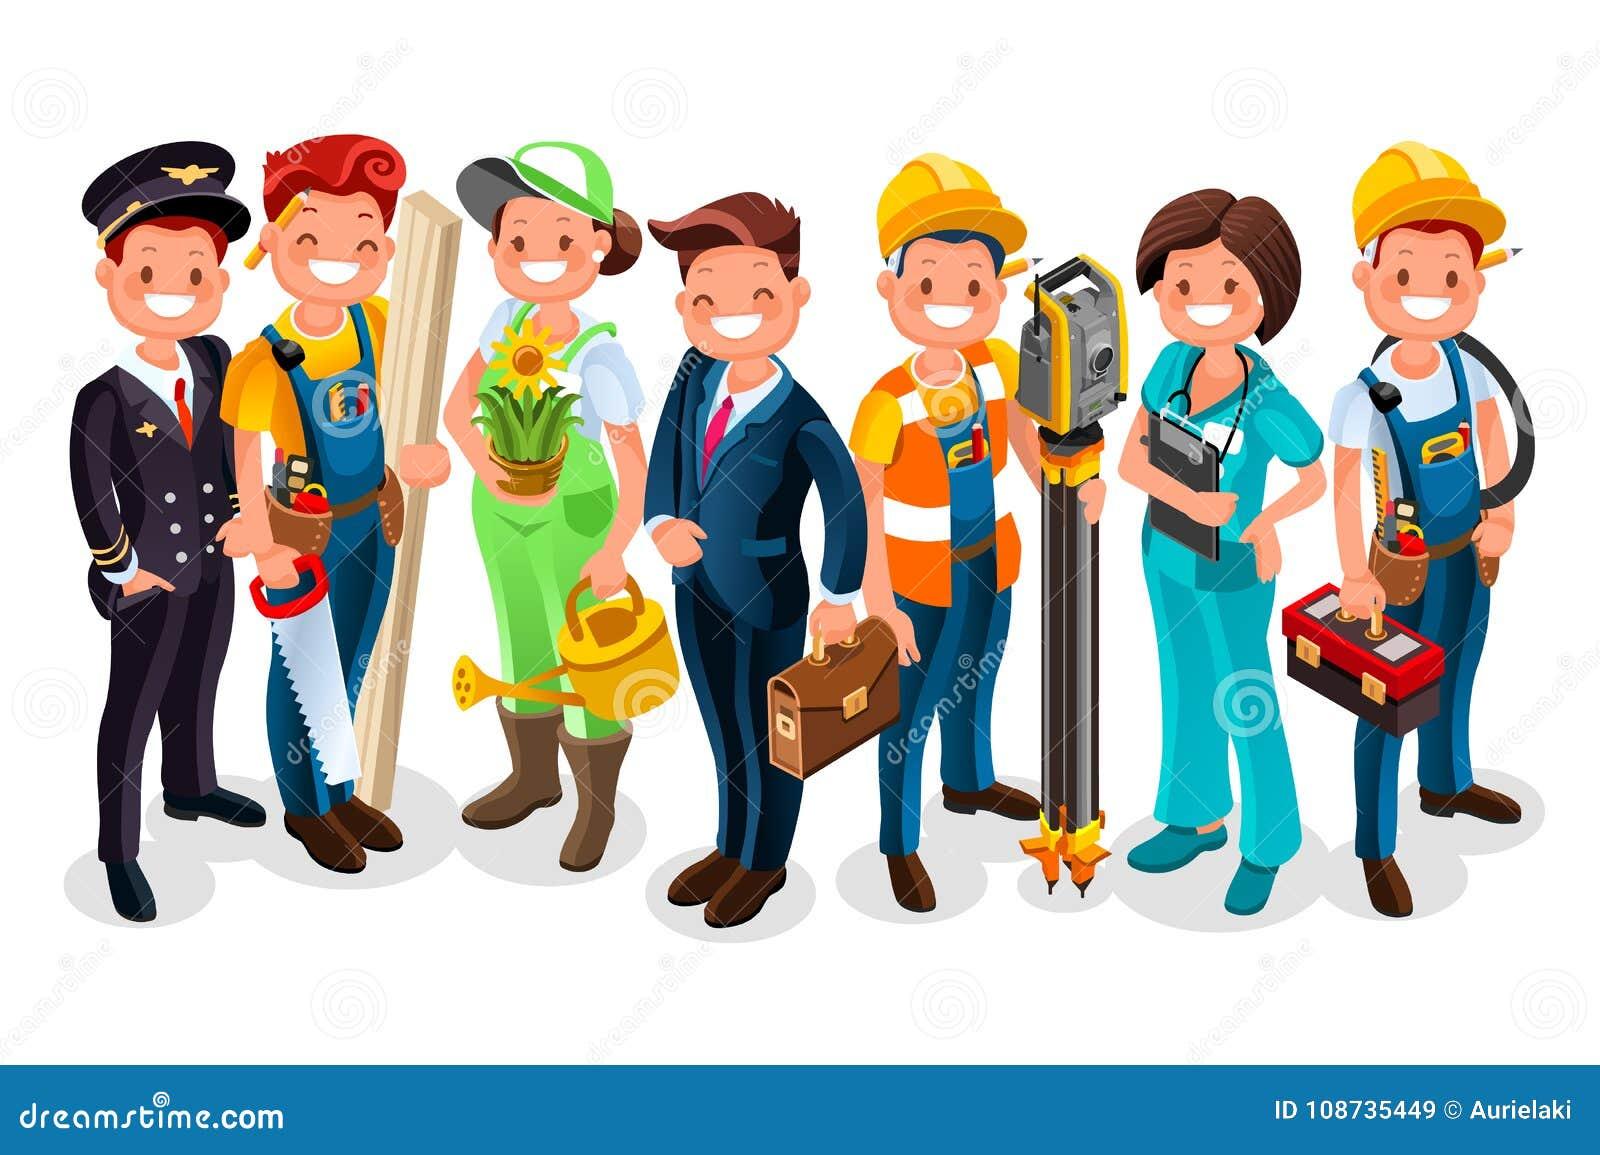 Uniforme Del Grupo Del Trabajador De Los Personajes De